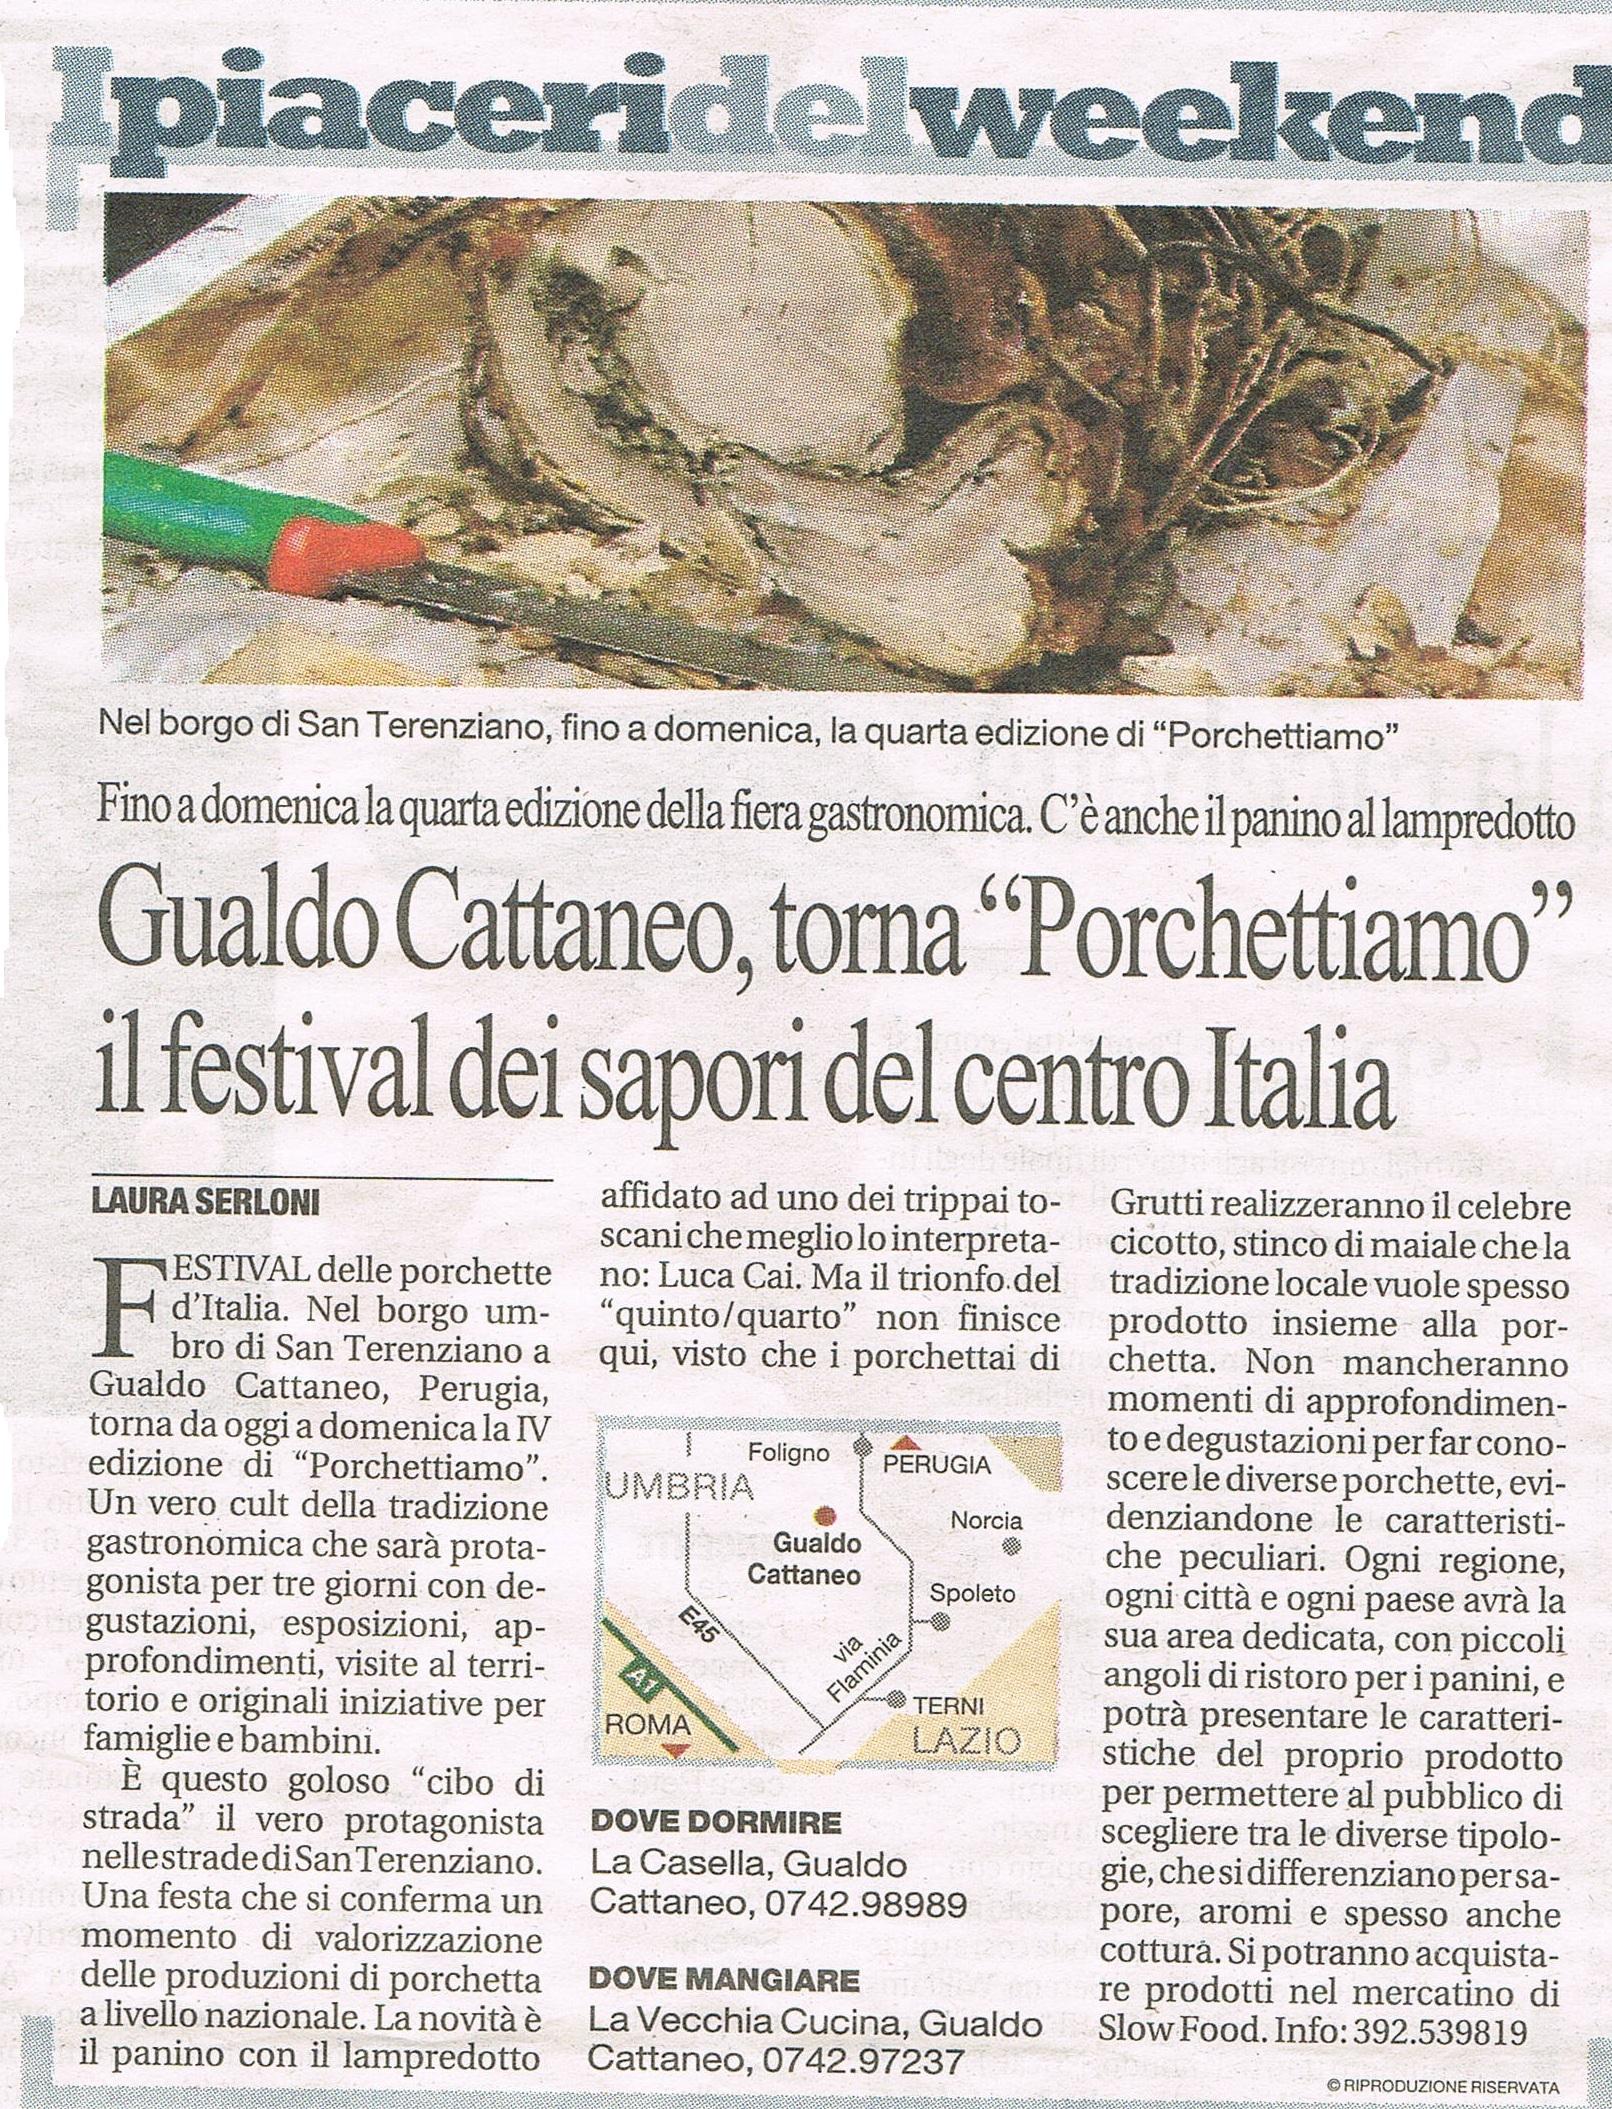 Repubblica Maggio 2013